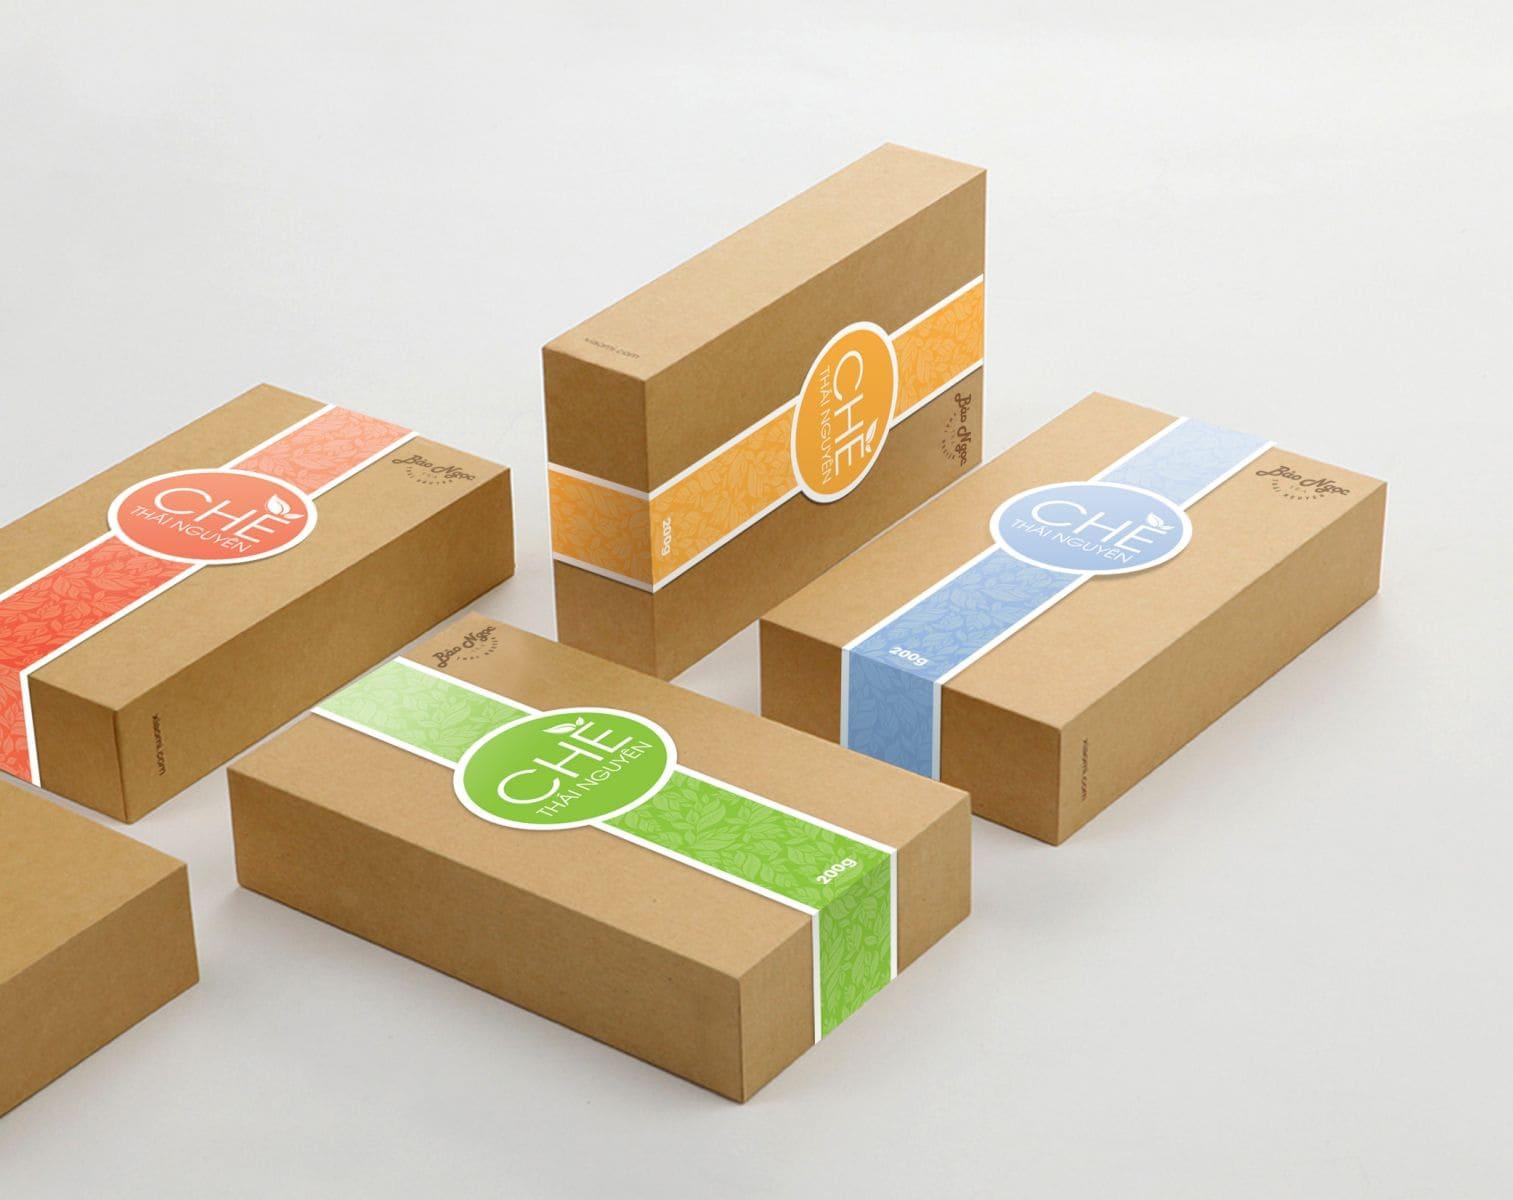 Đảm bảo tiện lợi khi vận chuyển, lưu trữ cũng như tiêu dùng